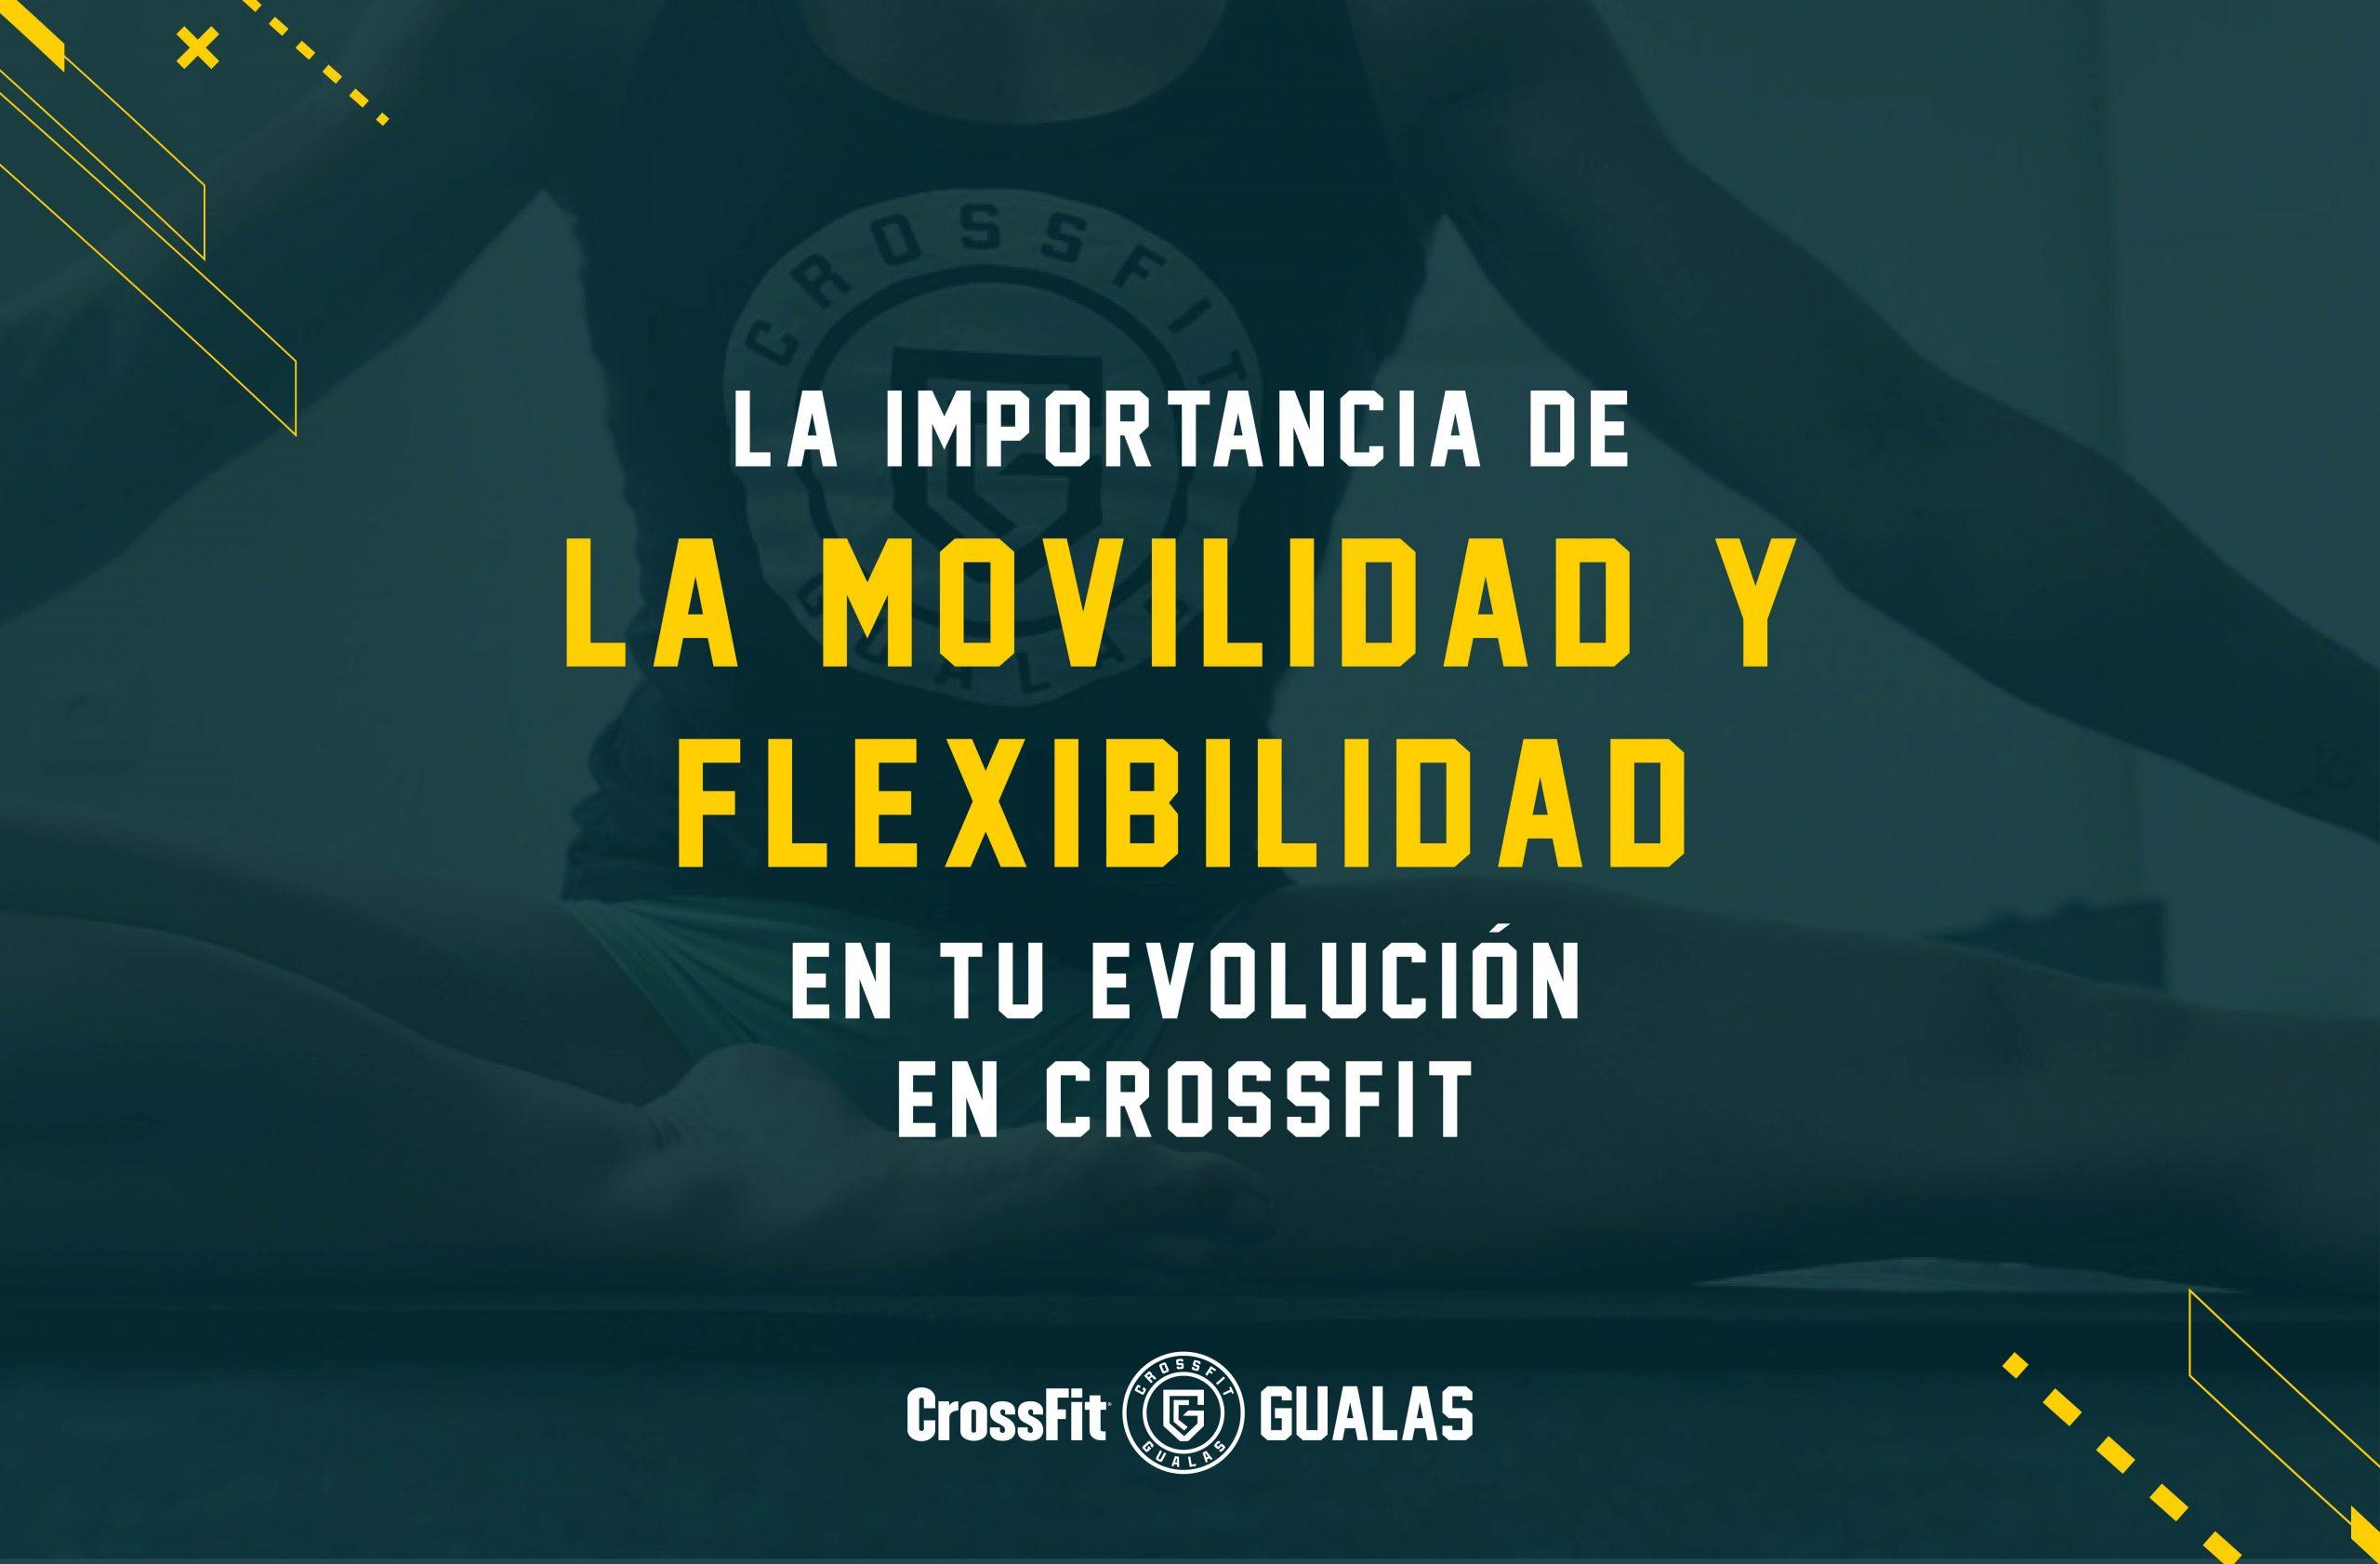 mobilidad y flexibilidad